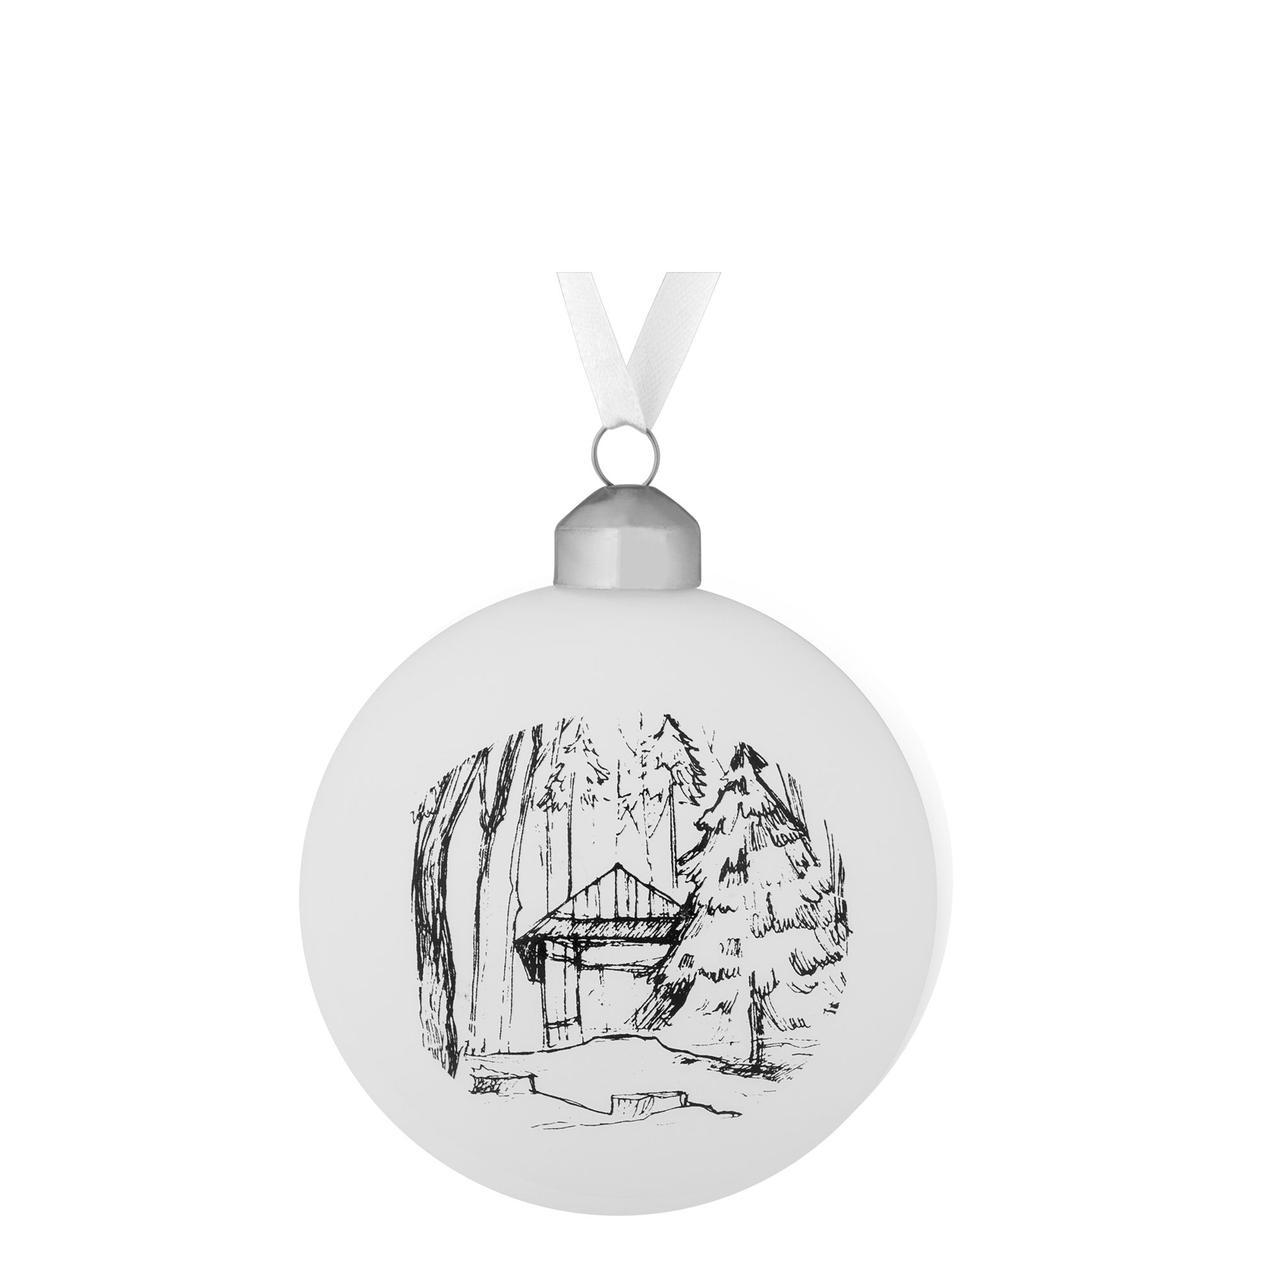 Елочный шар Forest, 8 см, с изображением избушки (артикул 7175.03)